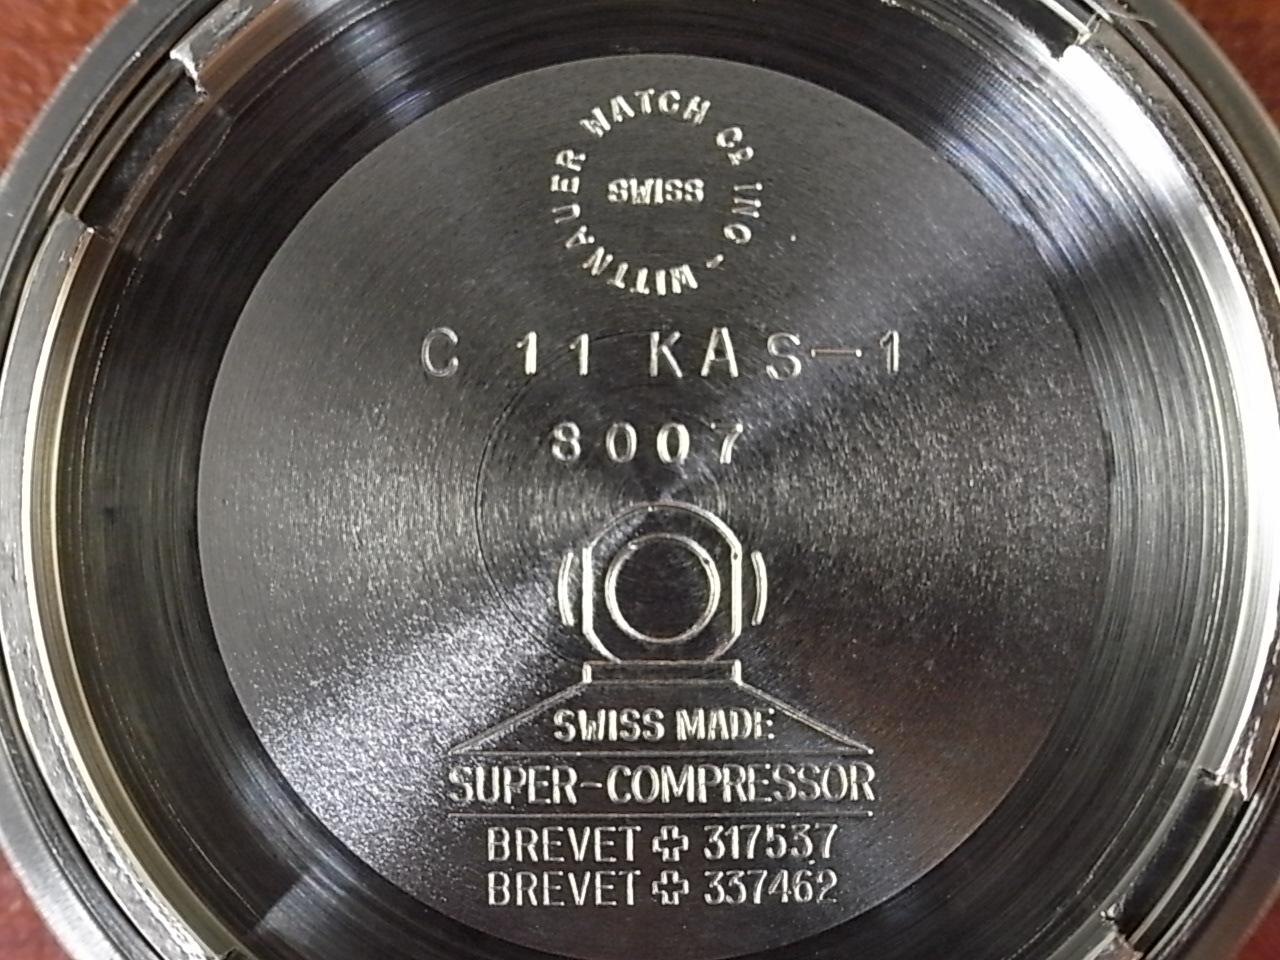 ウィットナー ダイバーズウォッチ スーパーコンプレッサー ミントコンディション 1960年代の写真6枚目